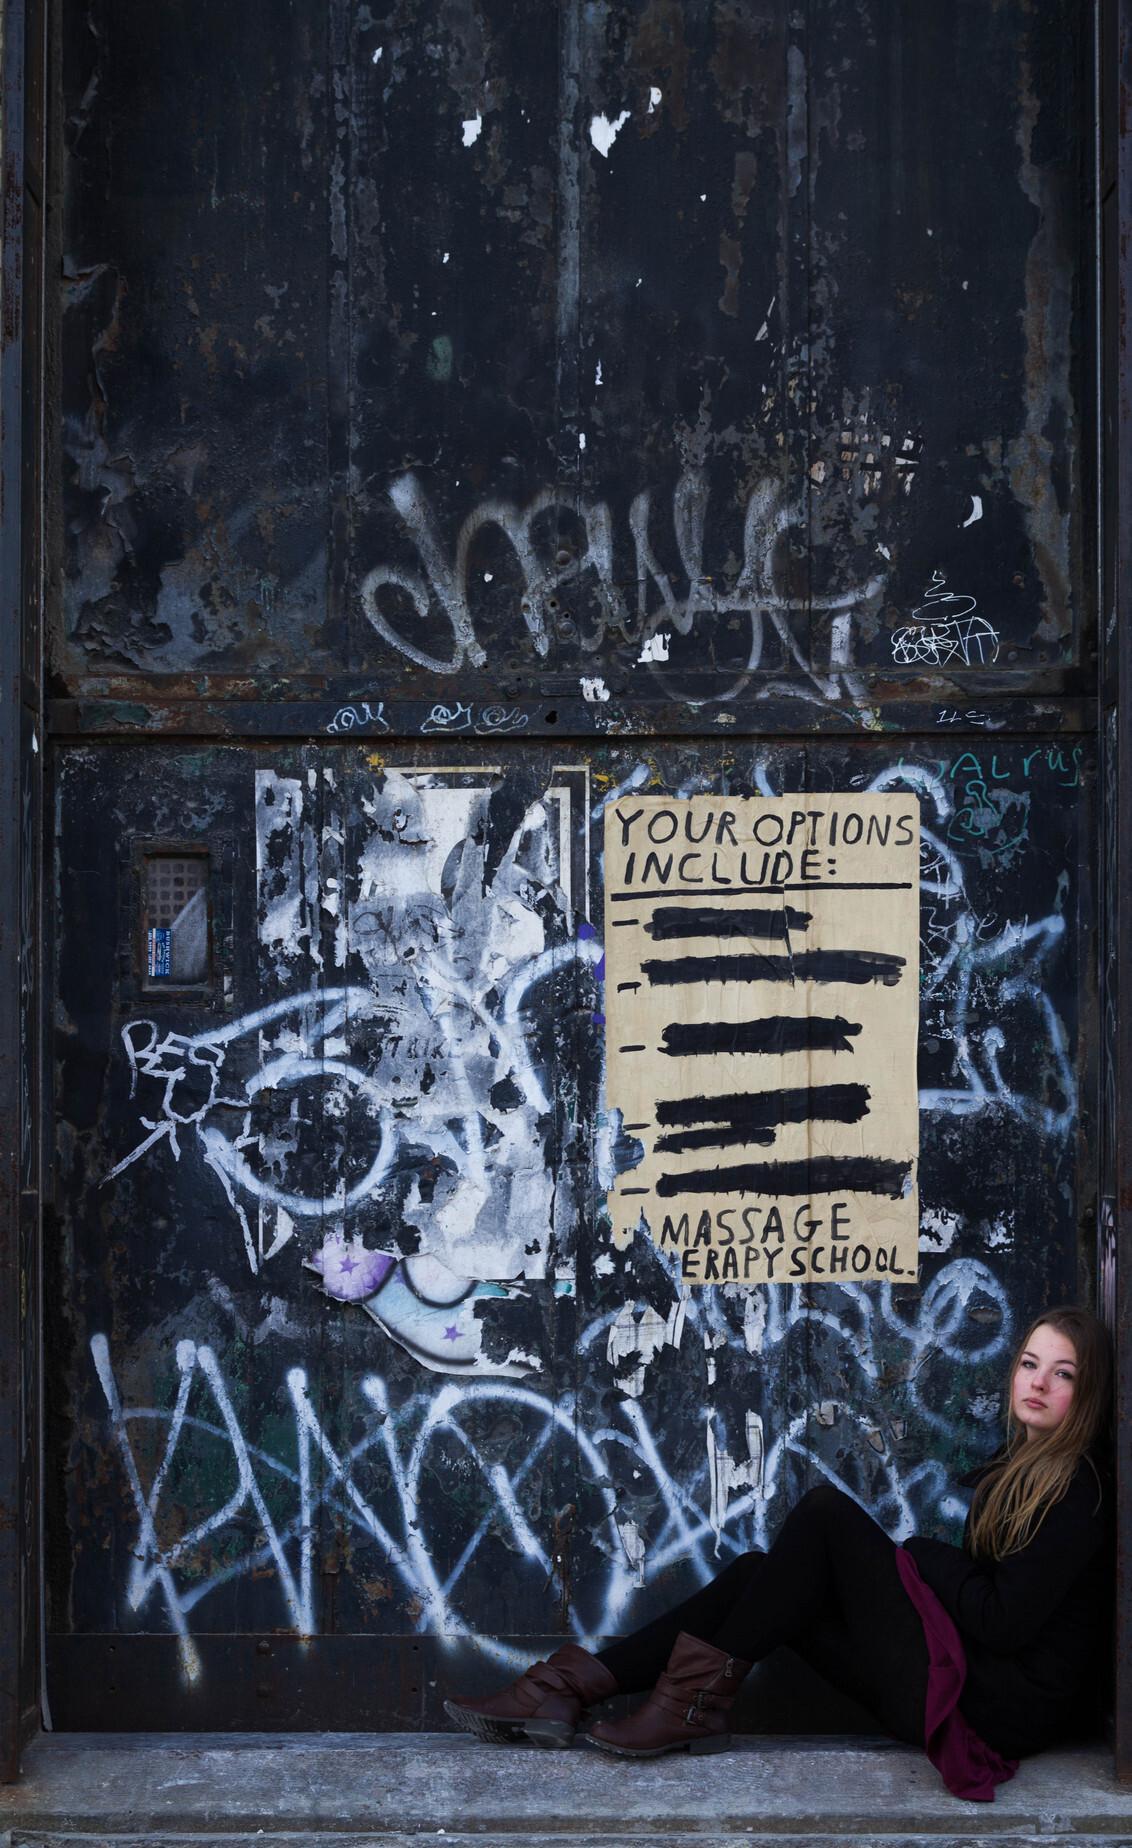 Janika in Brooklyn #2 - Een foto van dezelfde shoot. Deze keer met een wat wildere achtergrond. - foto door lk123456789 op 07-01-2015 - deze foto bevat: portret, graffiti, brooklyn, New York